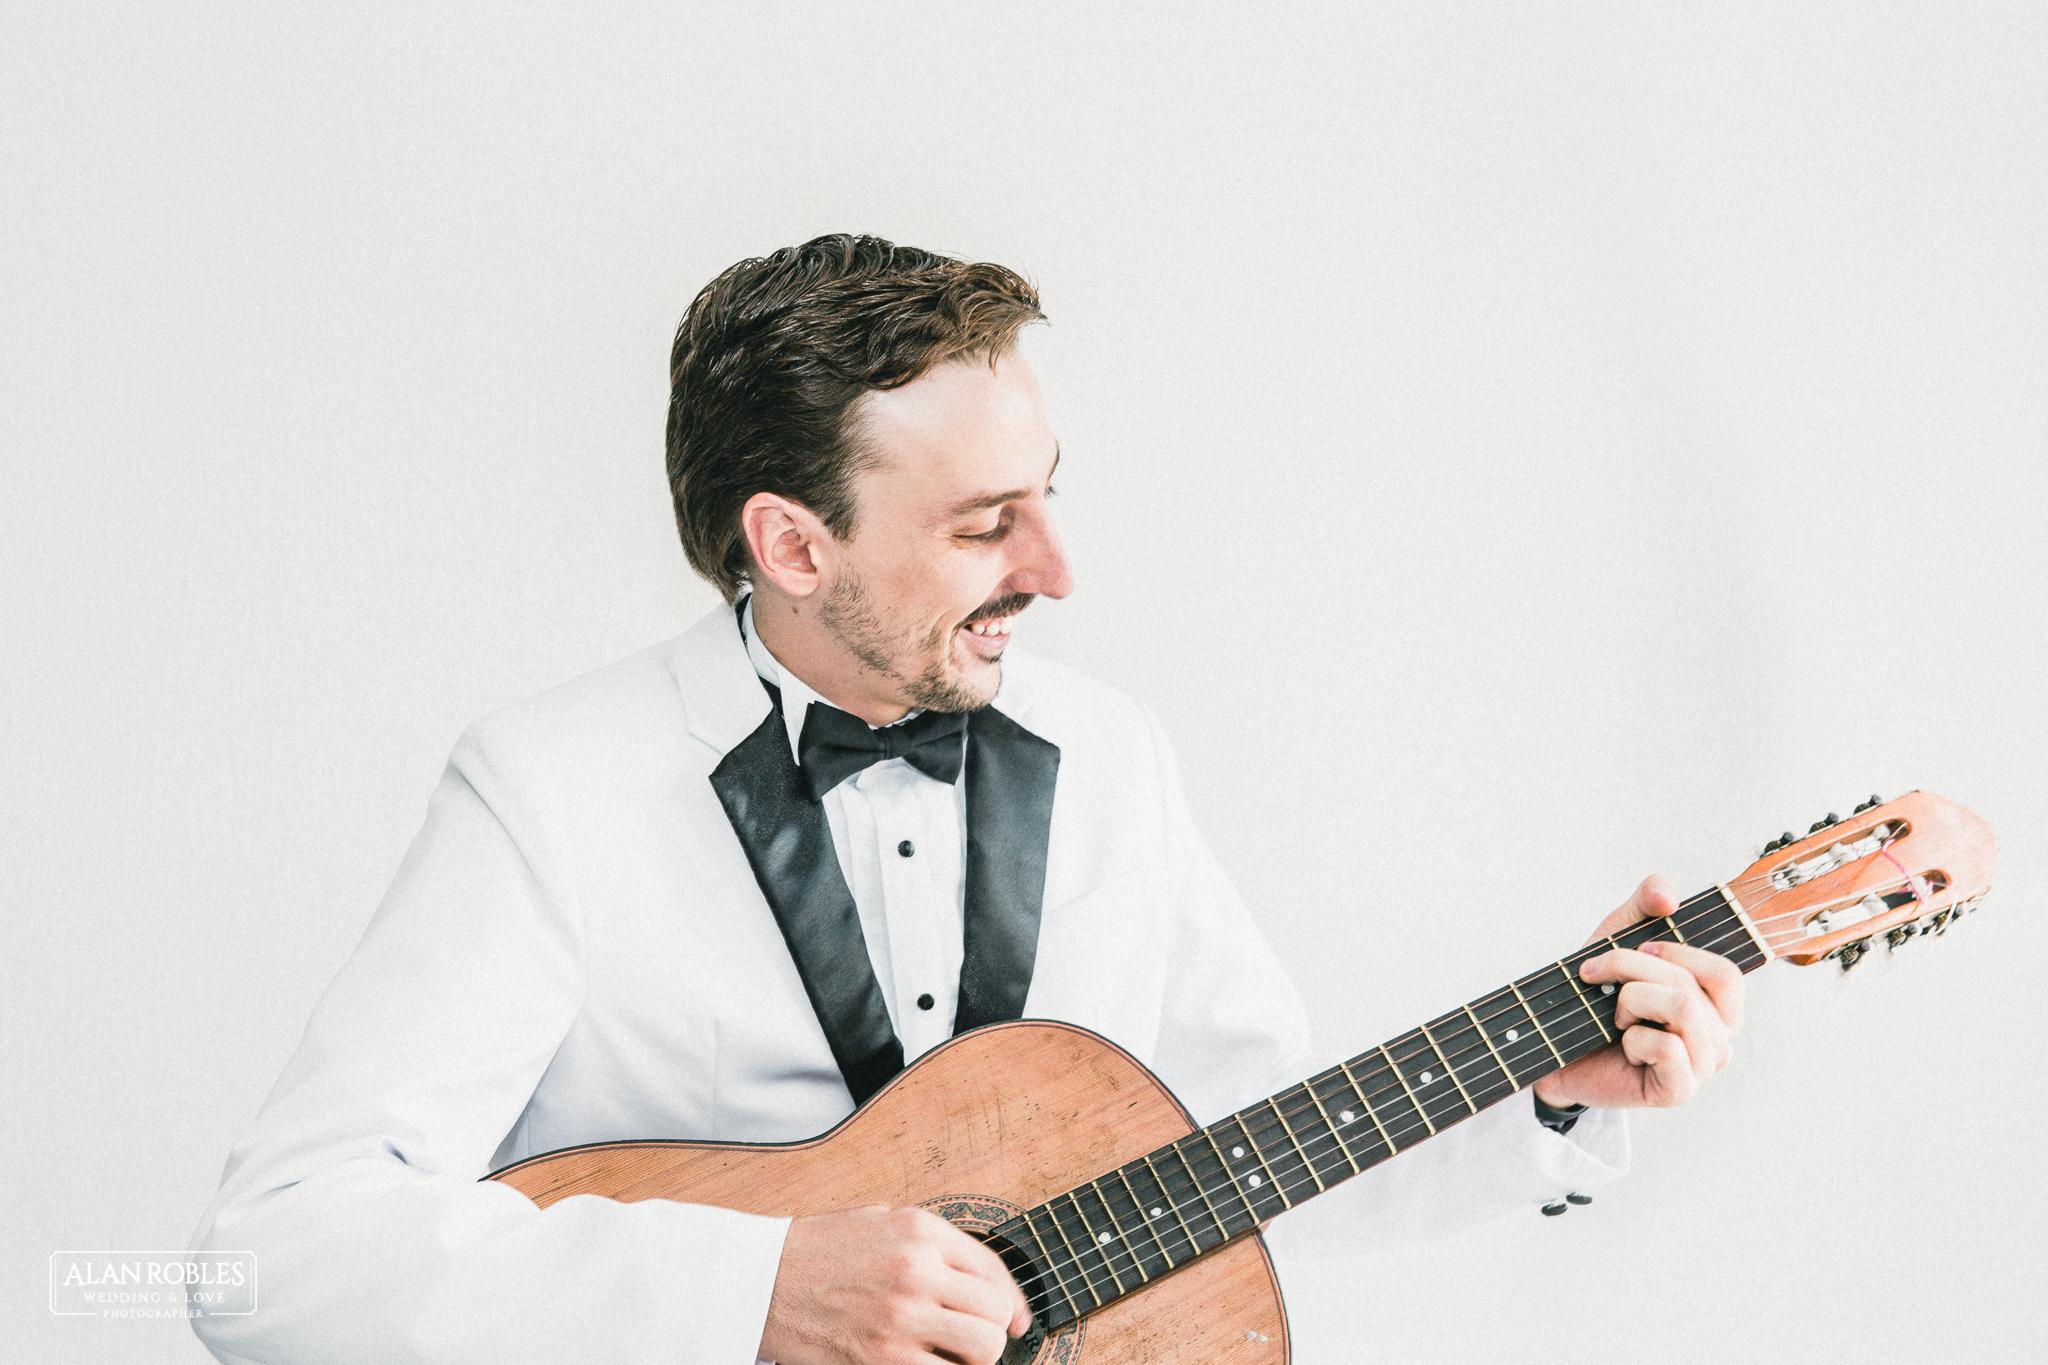 Novio en Getting Ready Tocando la guitarra y cantando, sonriente. Los mejores momentos.. Wedding Moments. El mejor fotografo de bodas en Guadalajara Alan Robles Wedding Photographer.